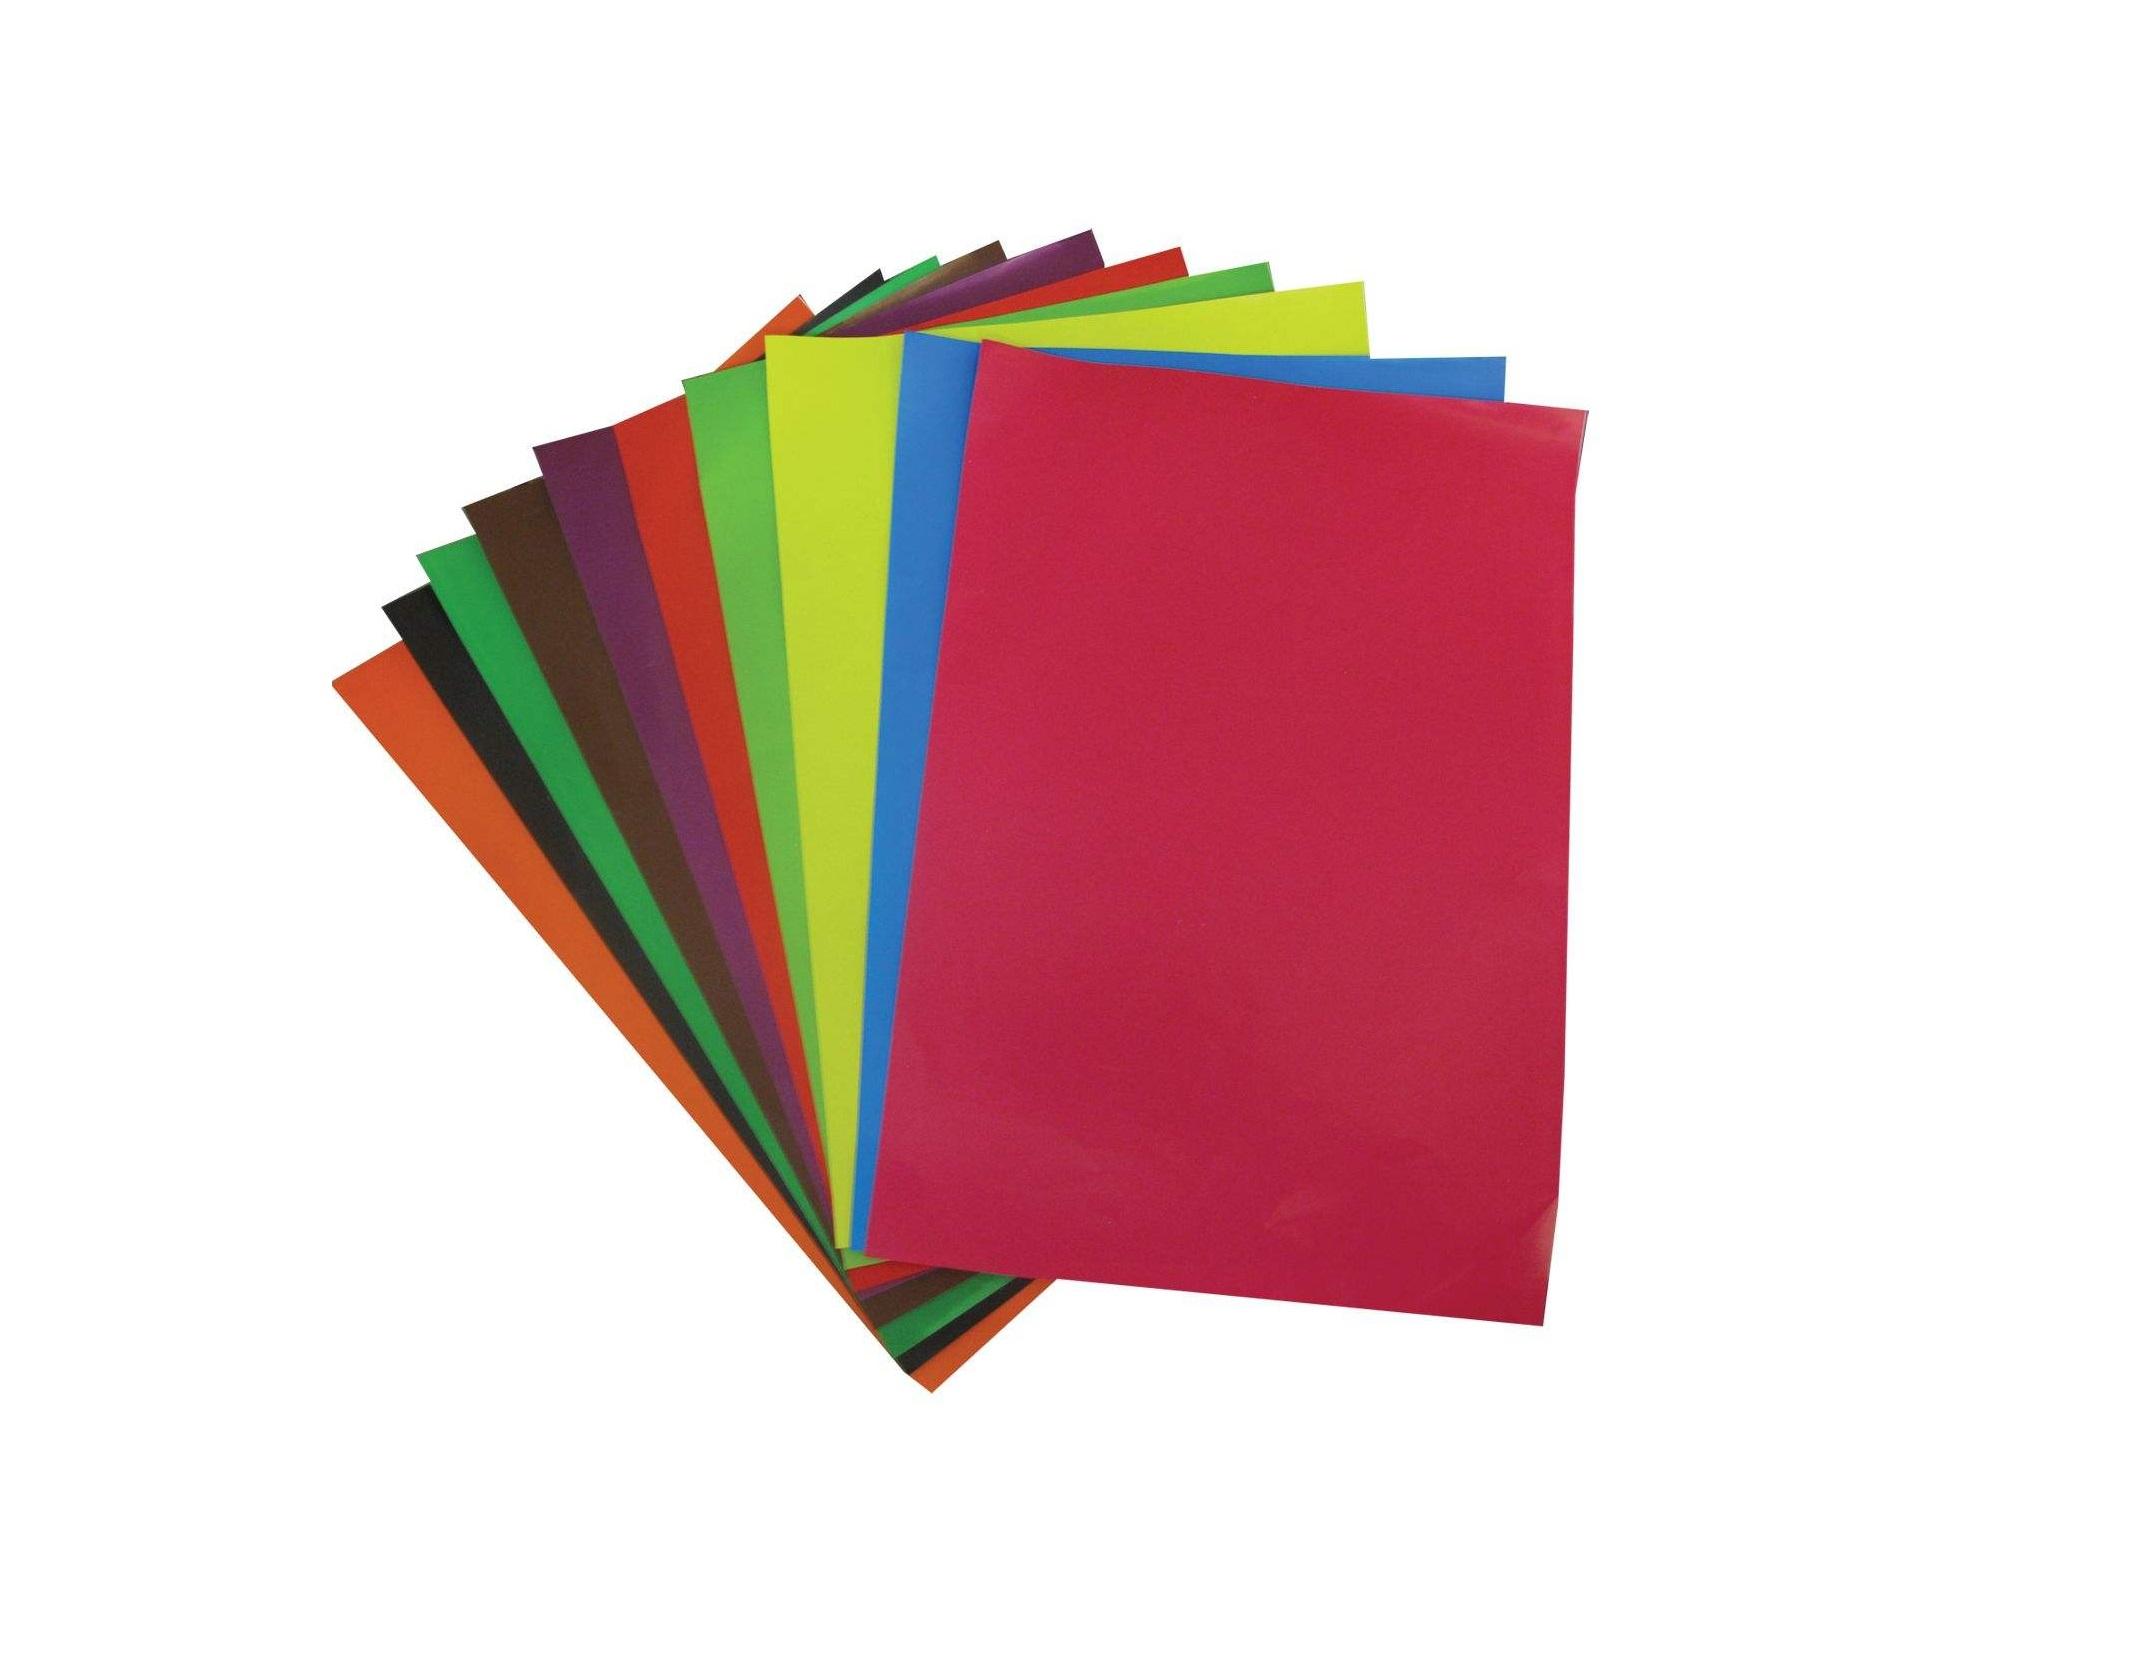 کاغذ رنگی مدل ۷۵۹۸ سایز ۳۵×۲۴ سانتی متر بسته ۱۰ عددی